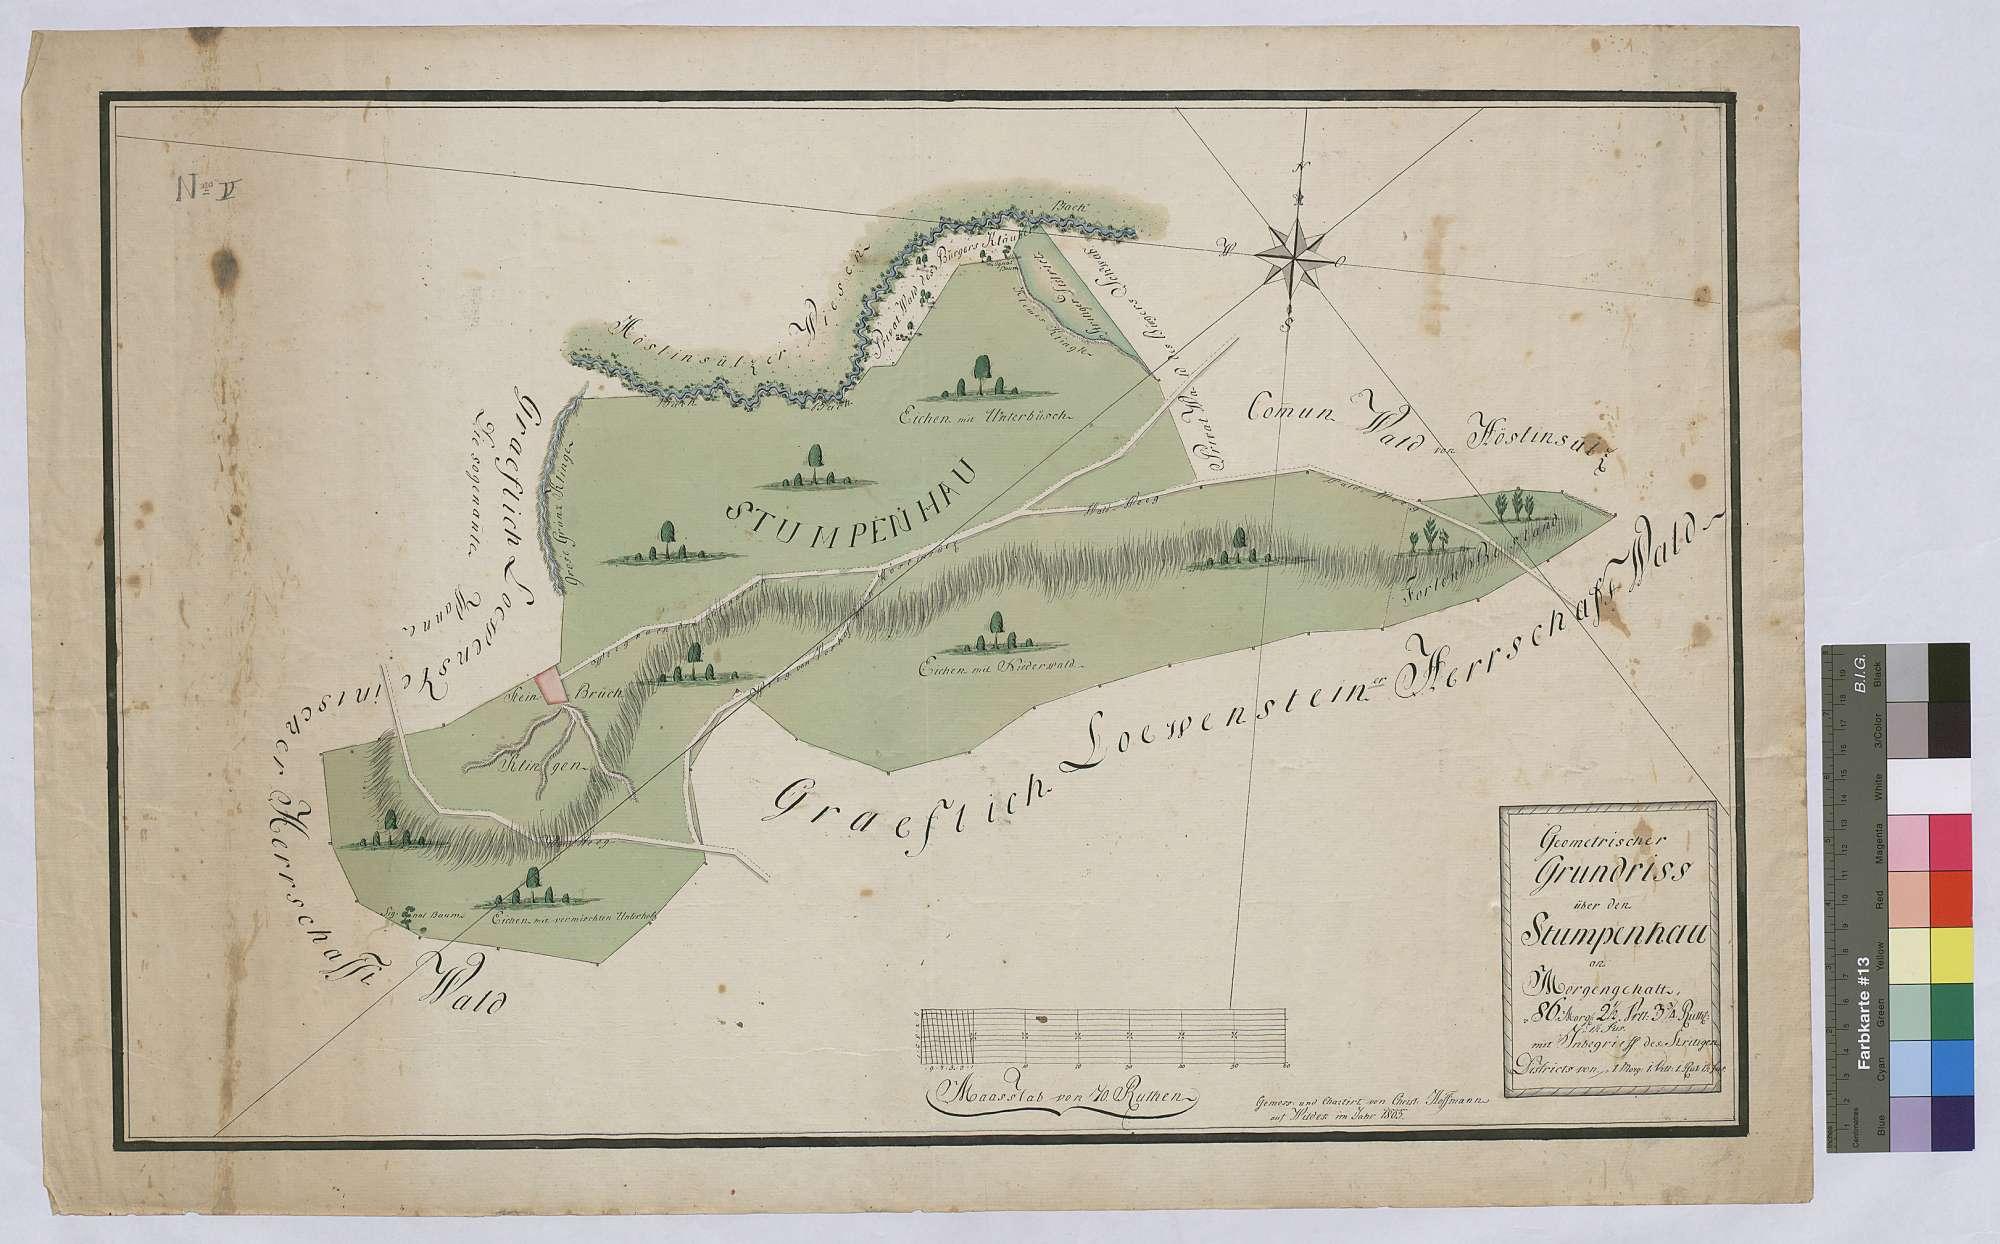 Geometrischer Grundriss über den Stumpenhau mit dem strittigen Distrikt (Inselkarte), Bild 1